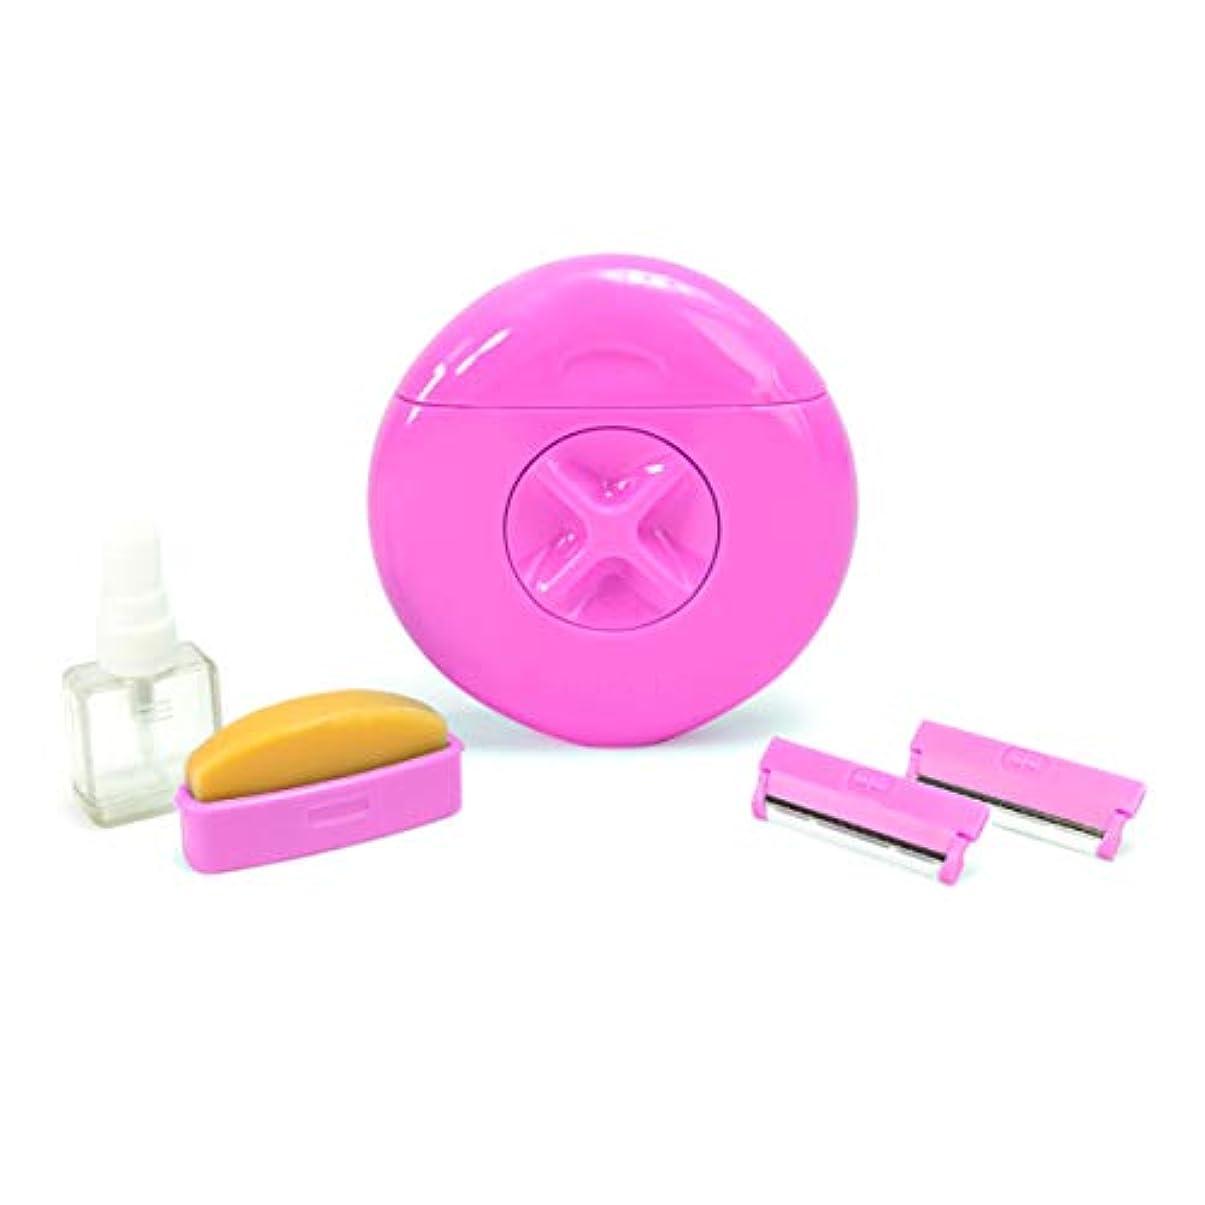 たらい好きである脱獄Sphynx 詰め替え可能なブレード&シェーブバーがすべて1人の旅行やポータブル女性のかみそり ピンク